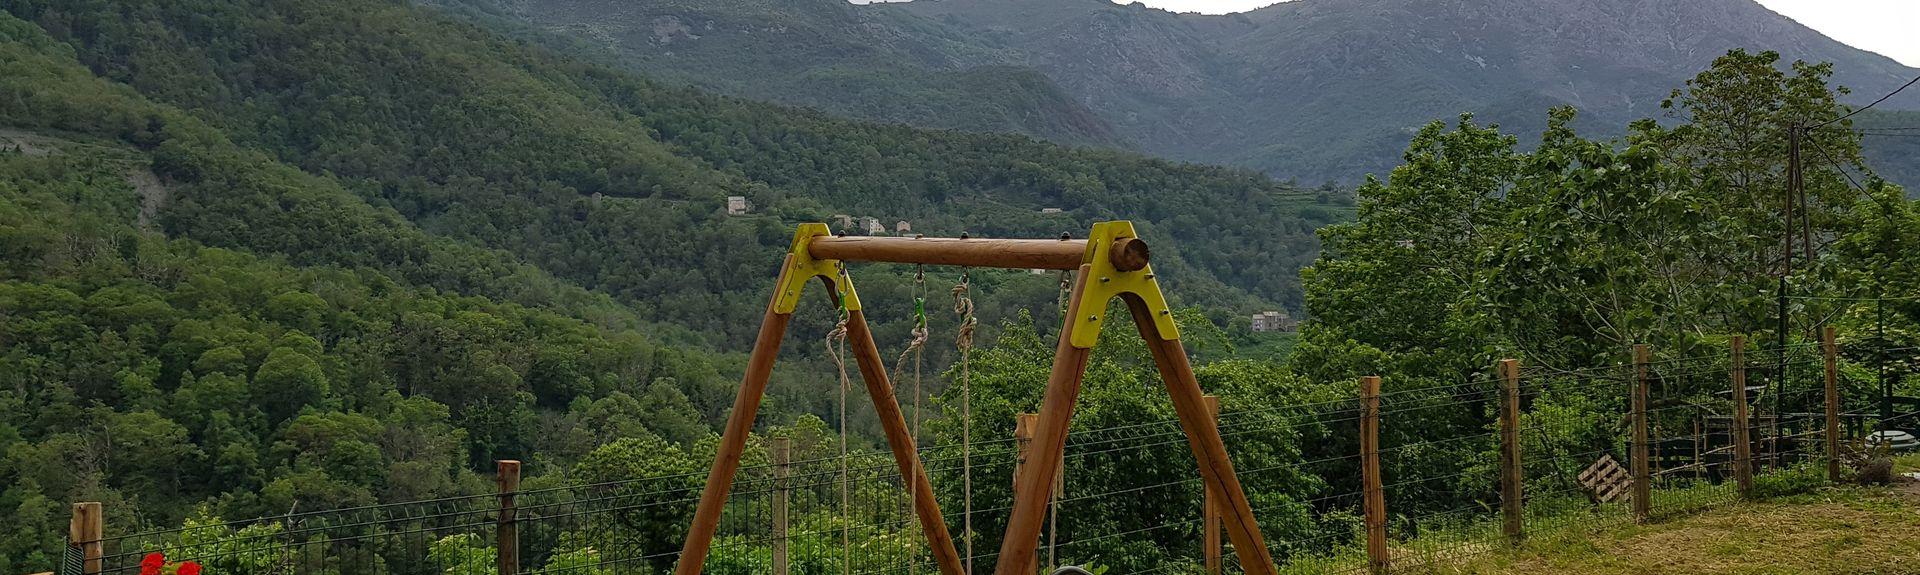 Station Vivario, Vivario, Haute-Corse, Frankrijk